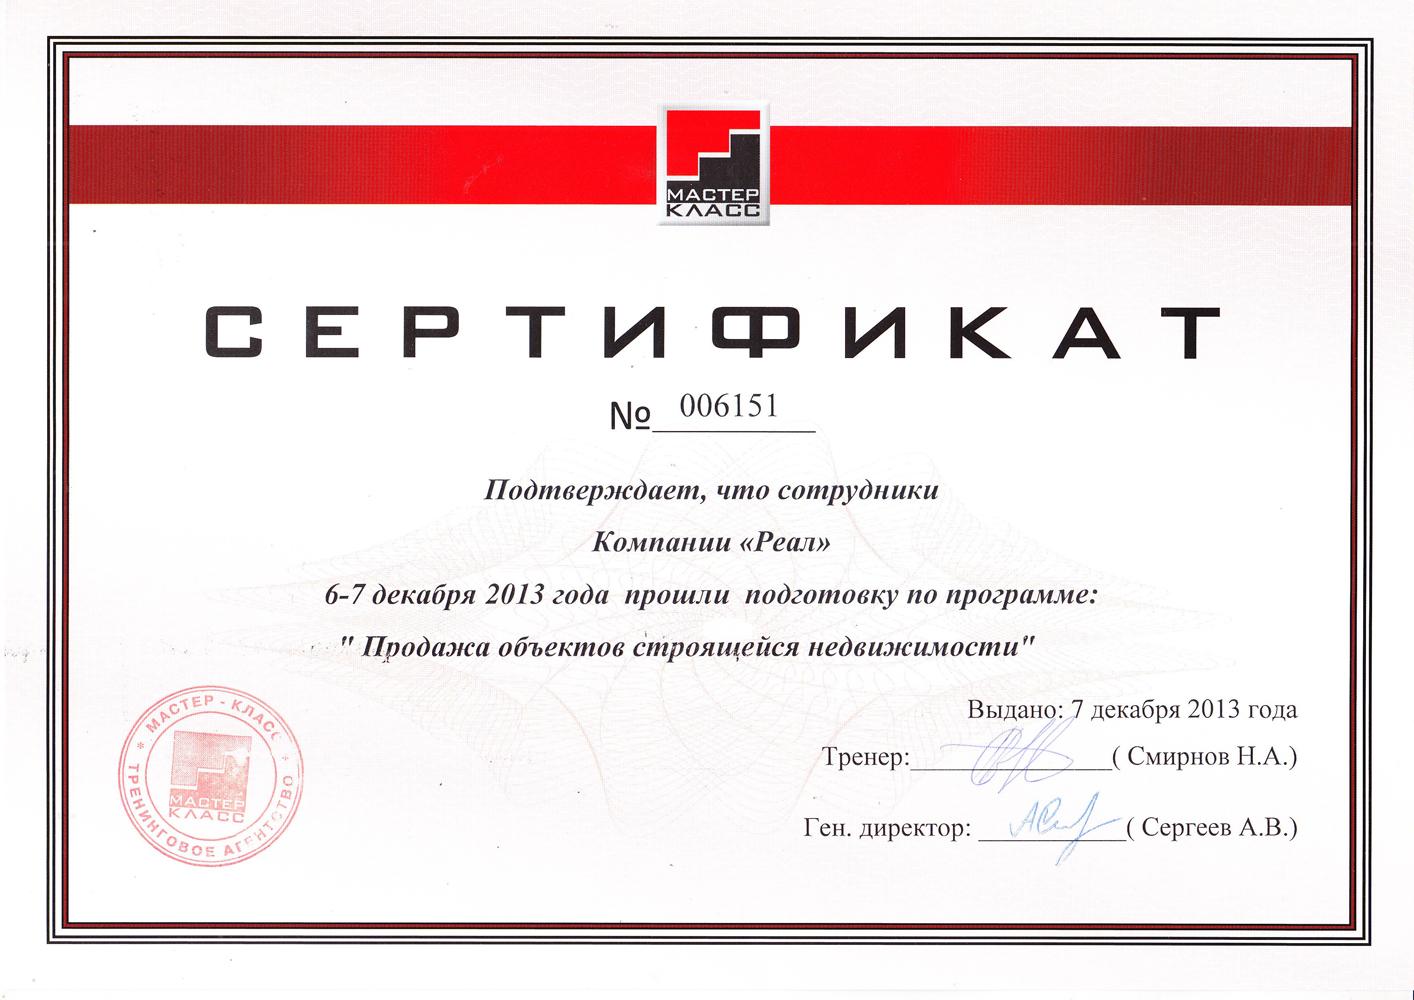 Поздравление по окончании курсов